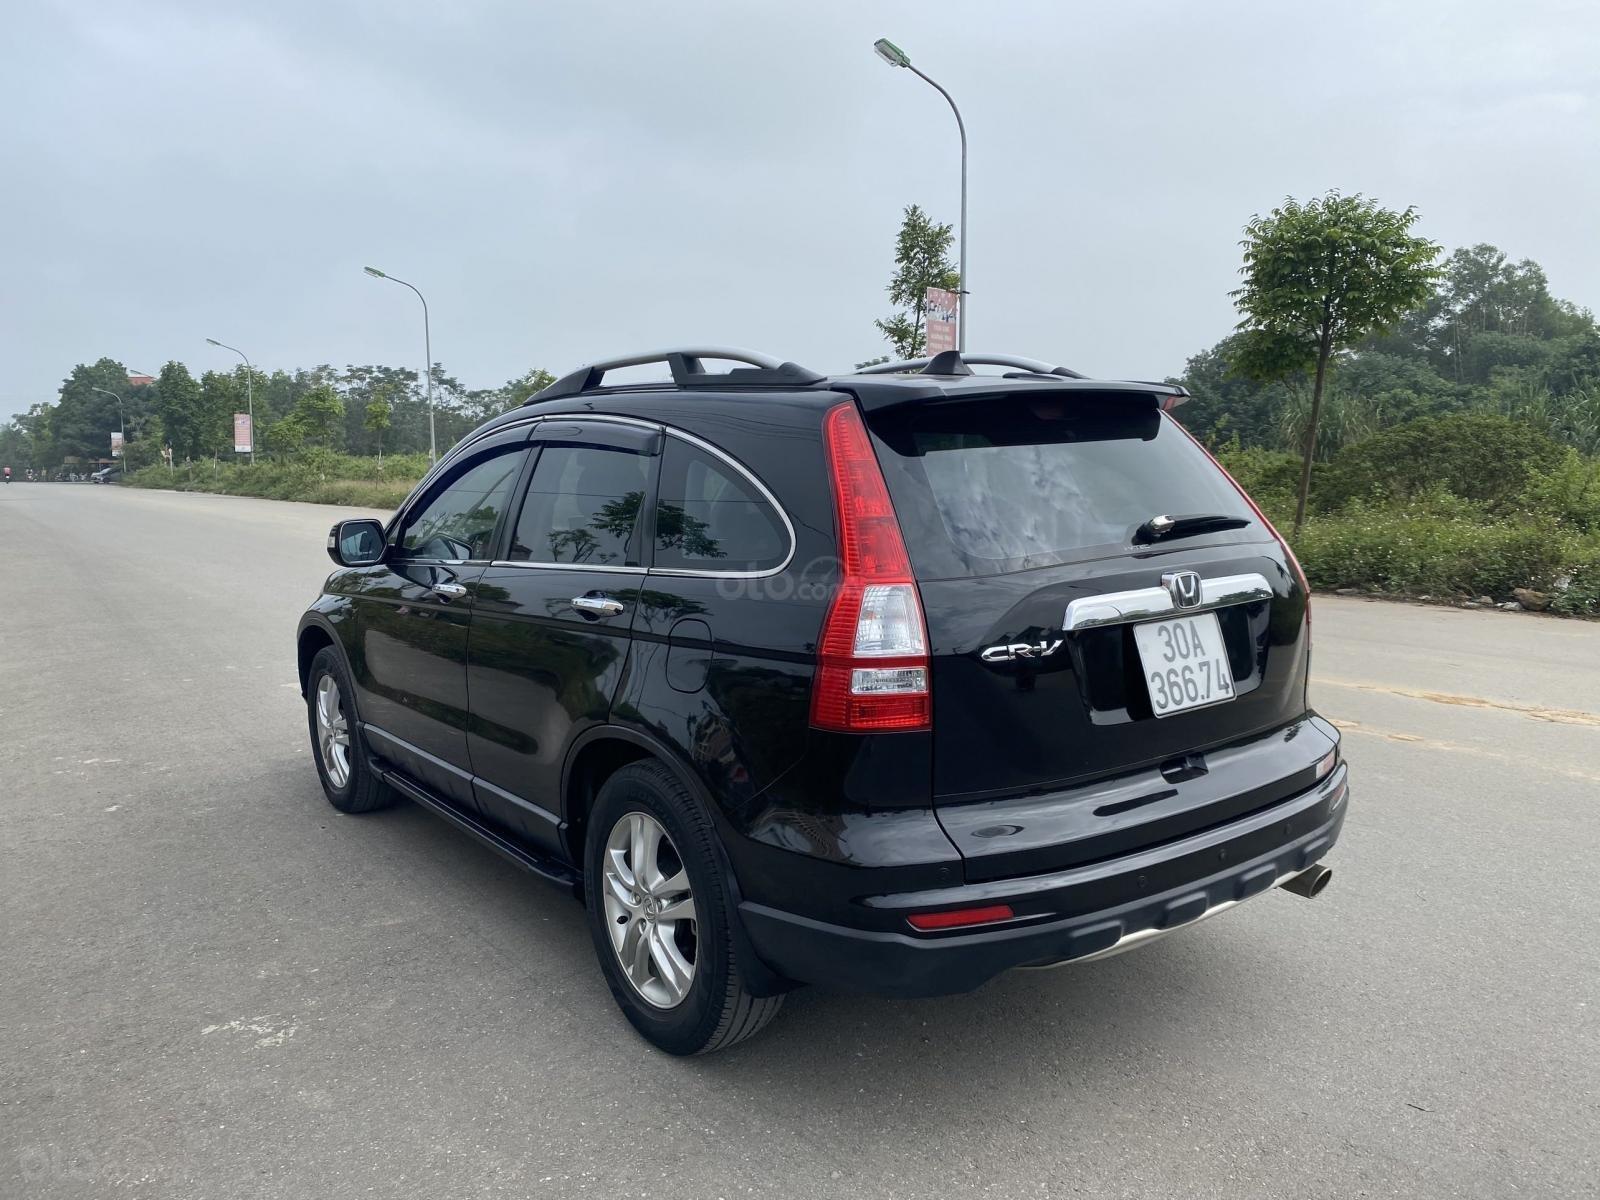 Cần bán Honda CRV 2.4 2010 model 2011, màu đen, đi 90.000 km zin, lốp sơ cua chưa hạ (6)